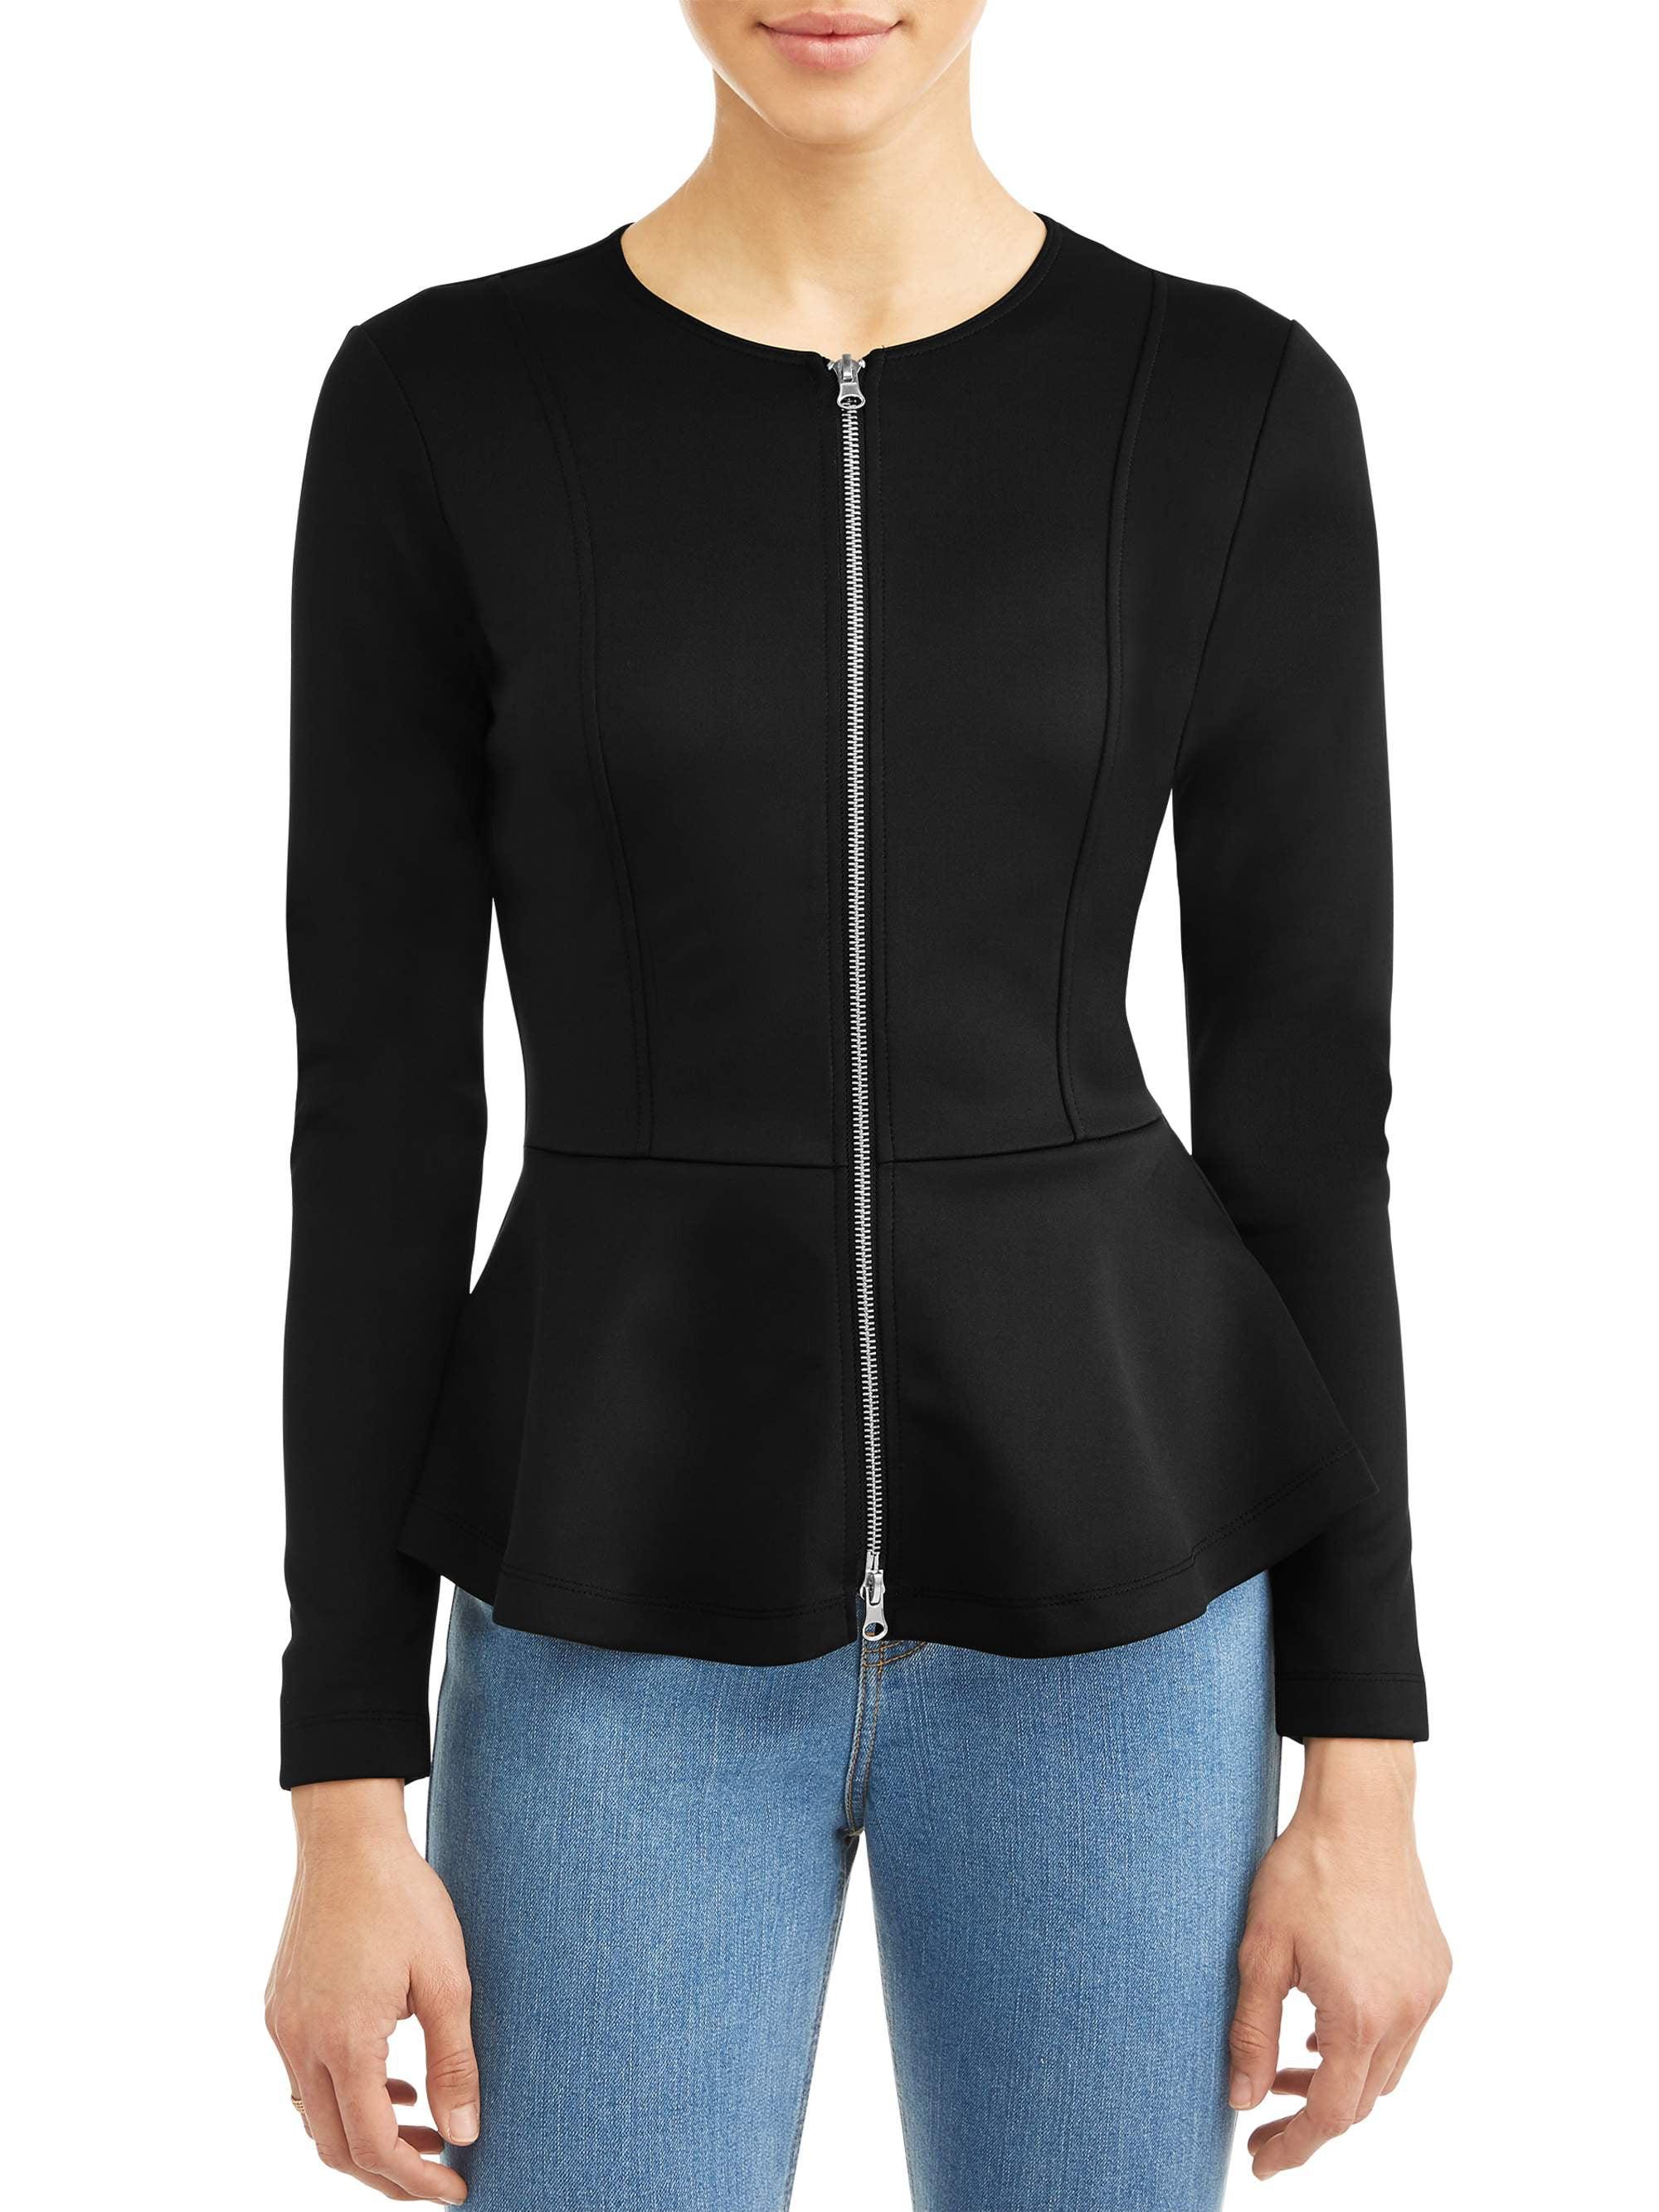 Women's Lynne Cinched Waist Jacket Top